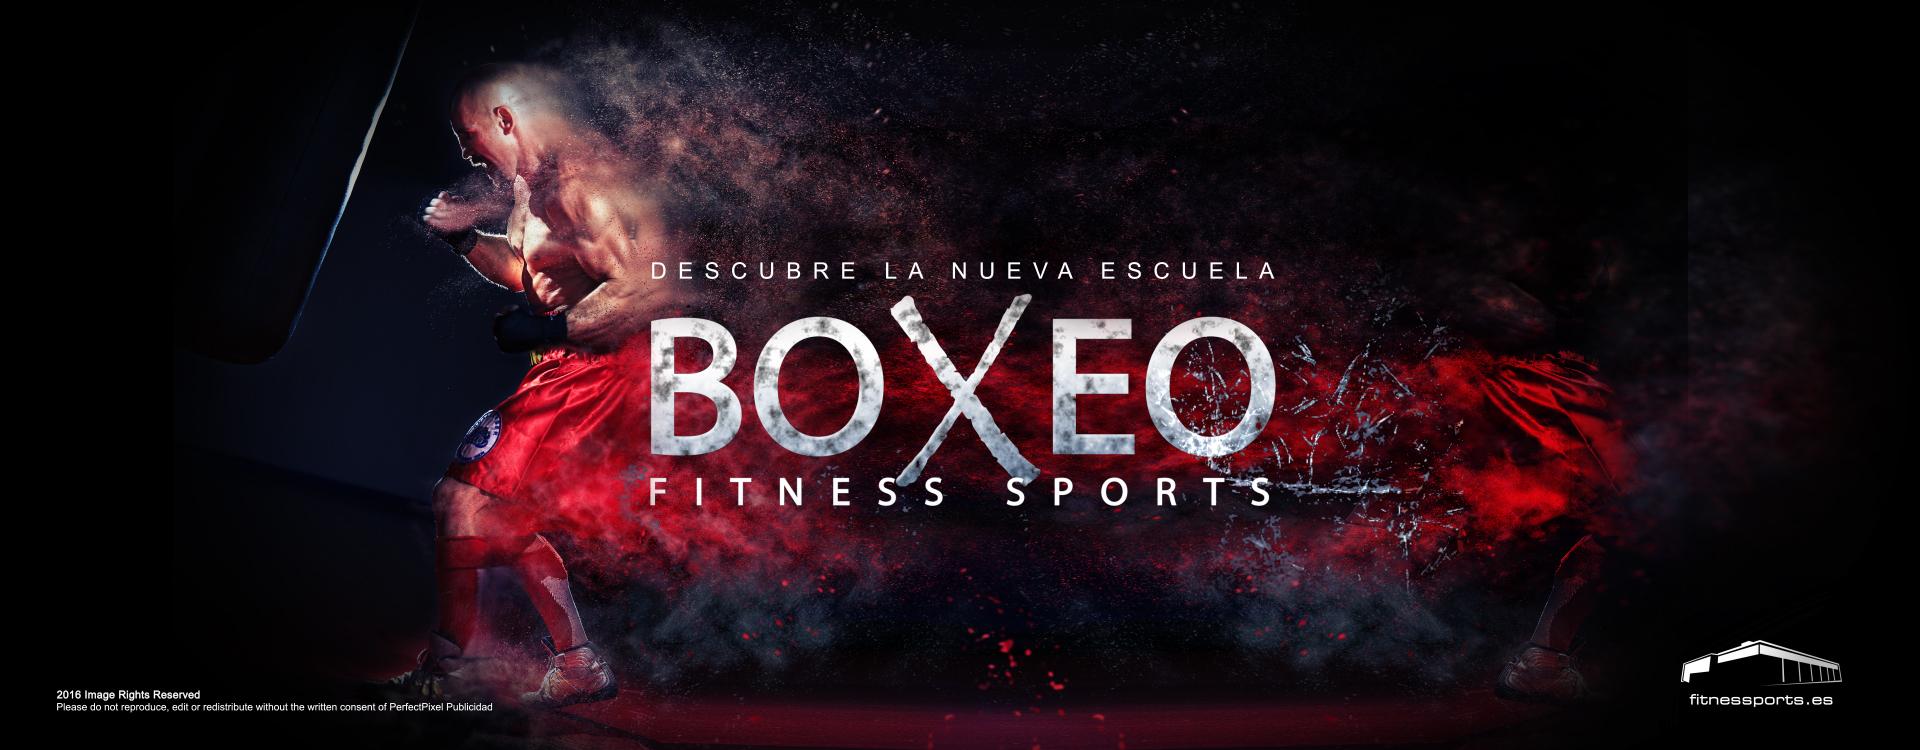 https://www.perfectpixel.es/wp-content/uploads/2016/01/Nueva-escuela-de-Boxeo-Fitness-sports-Valle-las-Ca%C3%B1as-by-PerfectPixel-Publicidad-Social.jpg